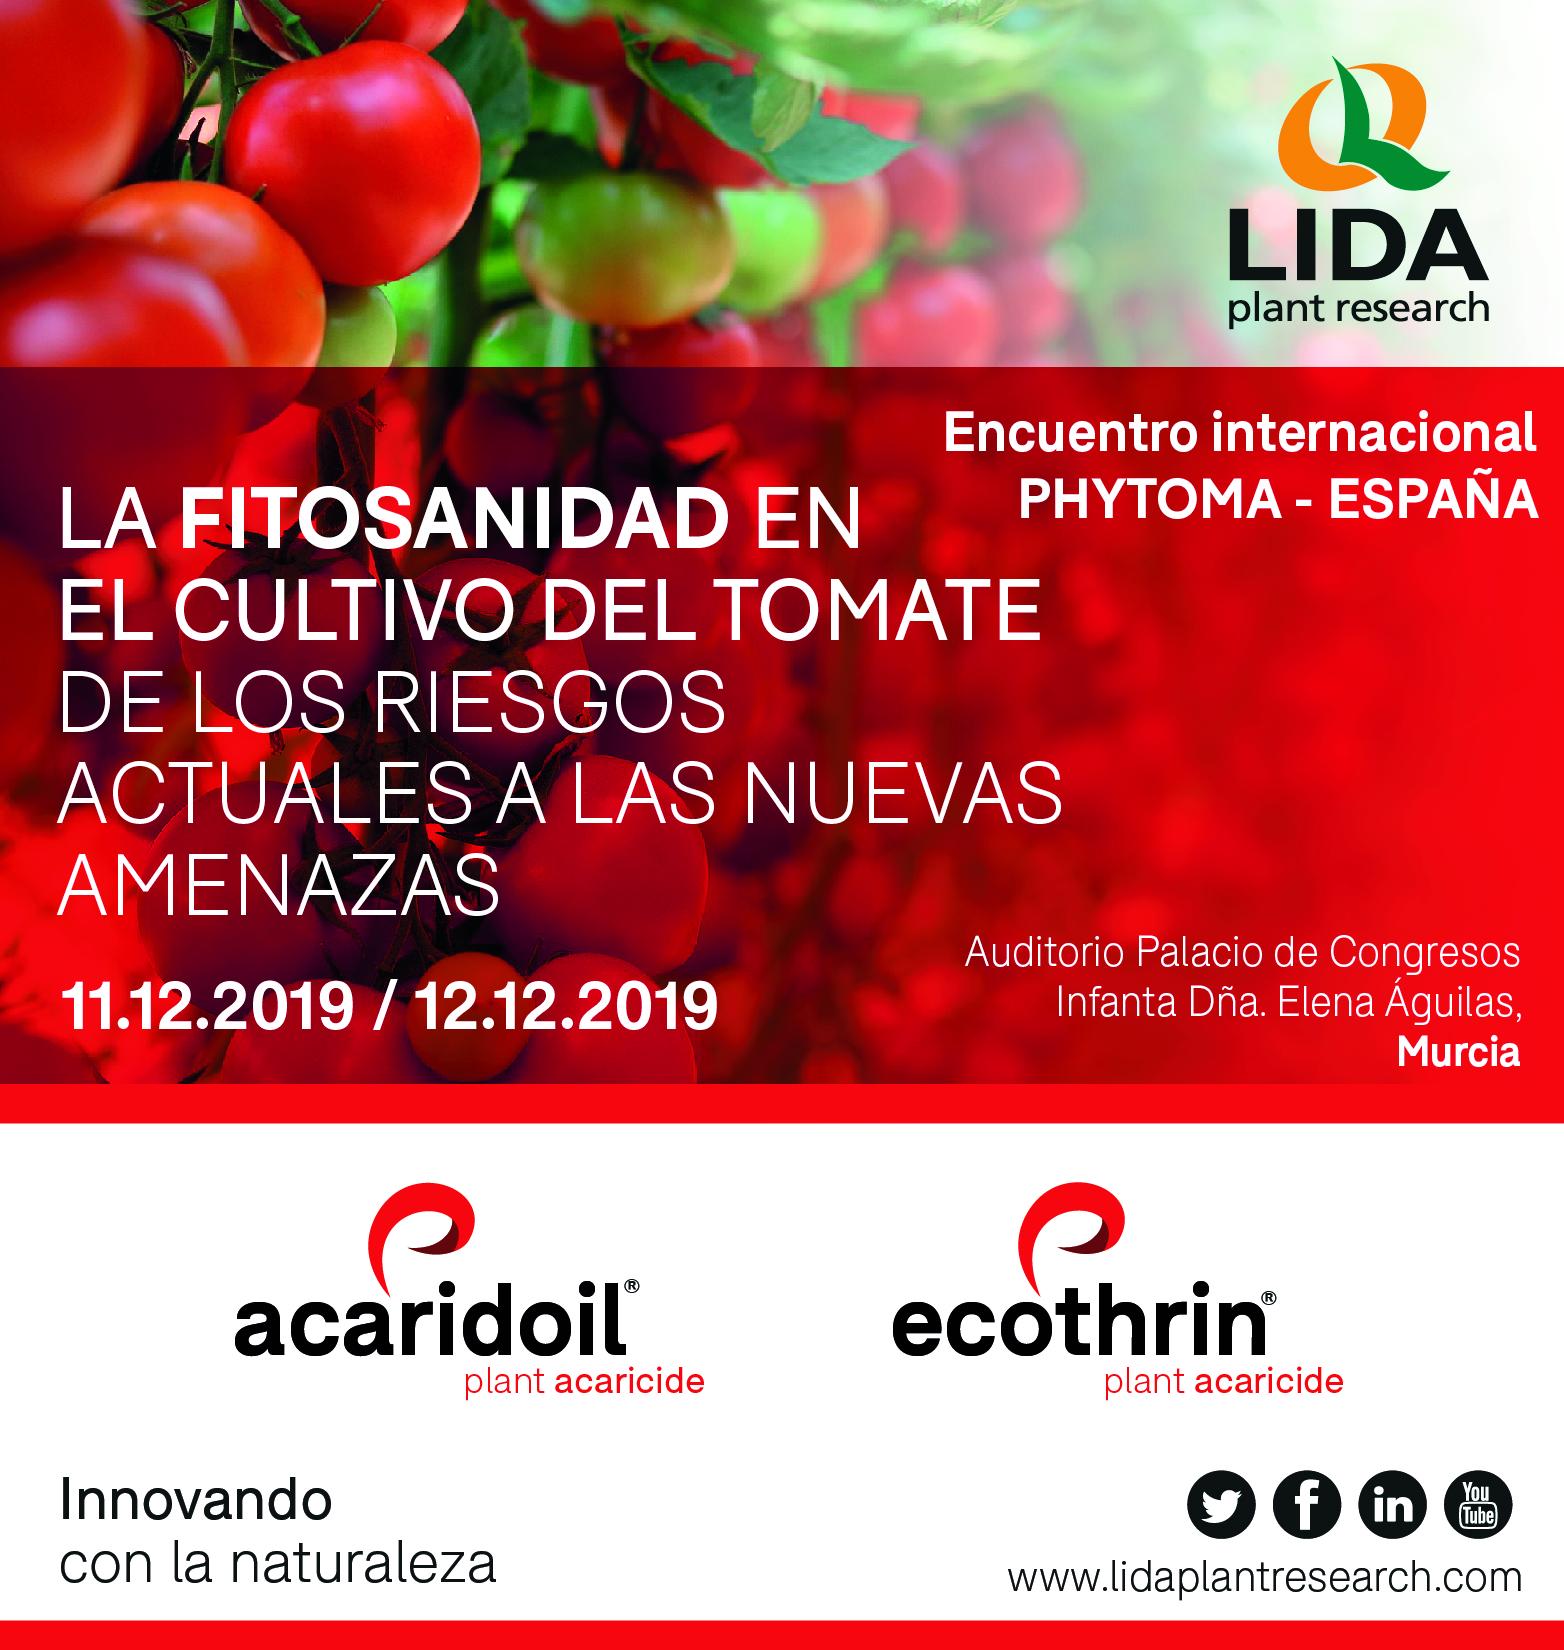 LIDA Plant Research mostrará sus soluciones contra plagas en el Encuentro Internacional Phytoma sobre el cultivo del tomate